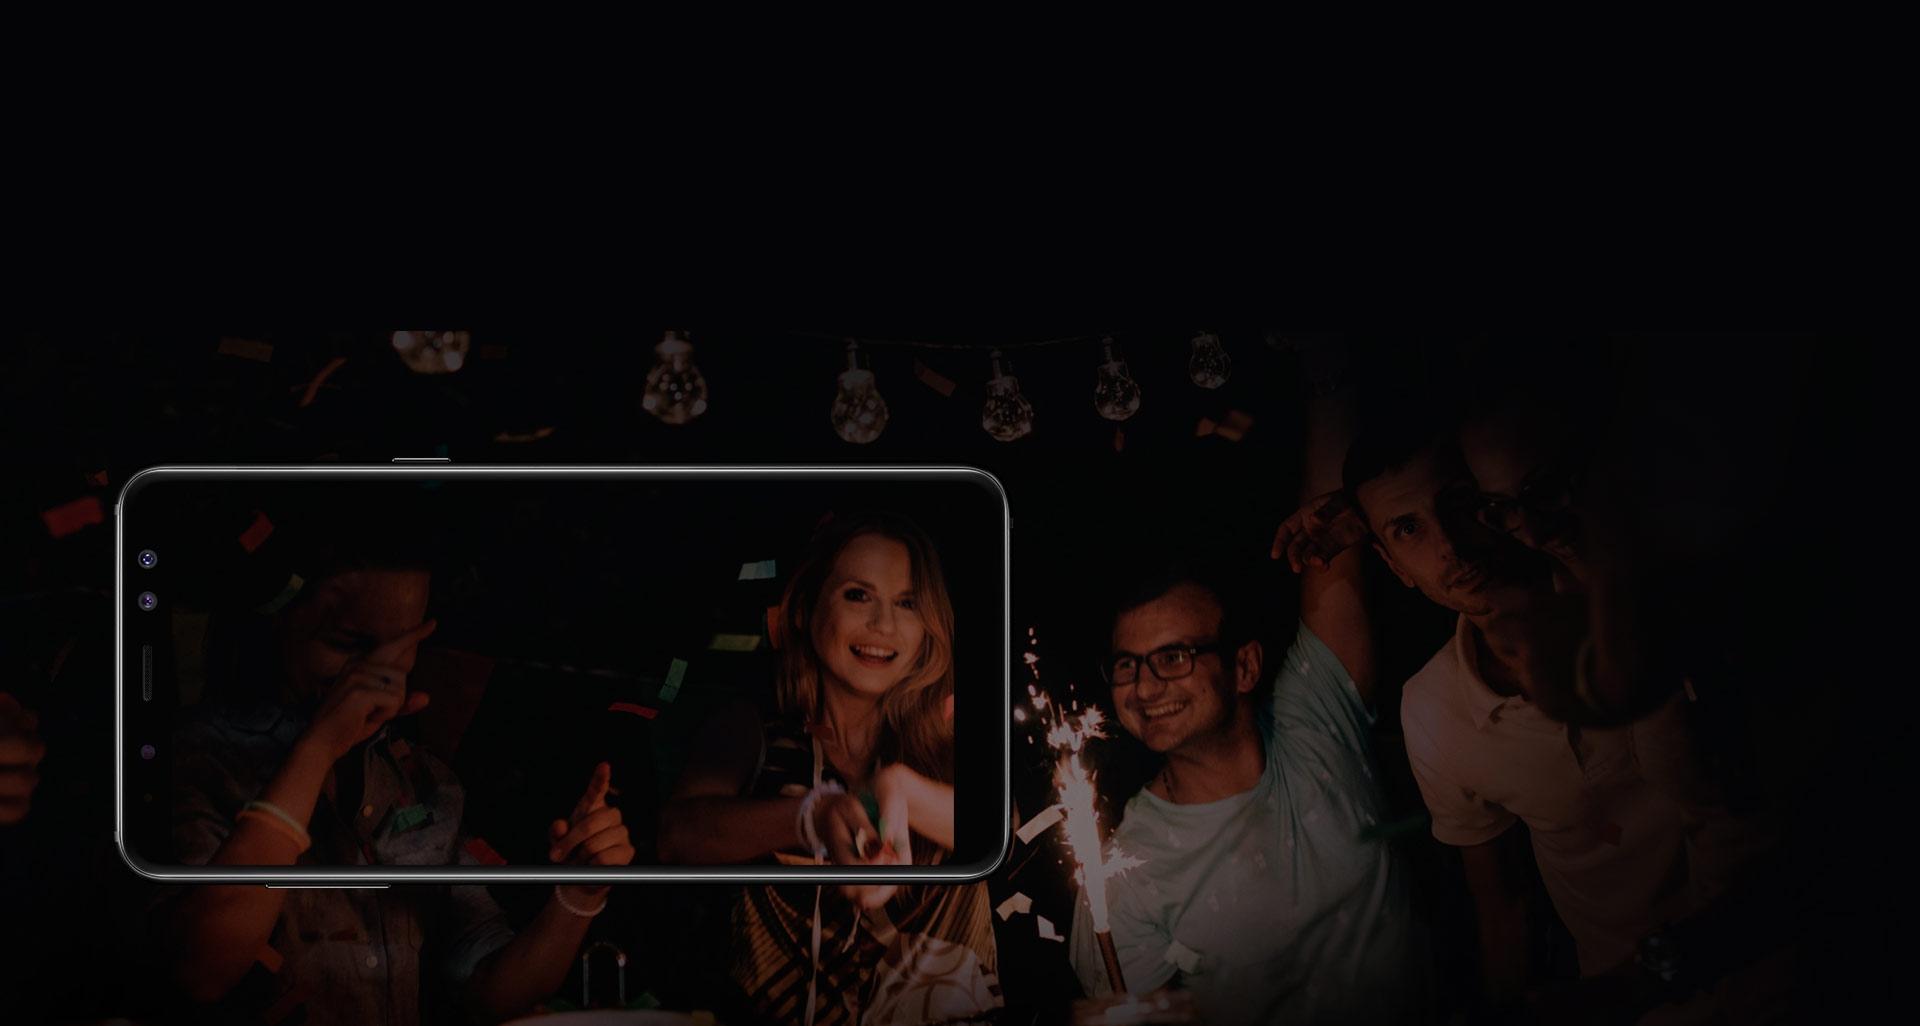 بهترین کیفیت تصاویر با دوربین گوشی گلکسی ای 8 2018